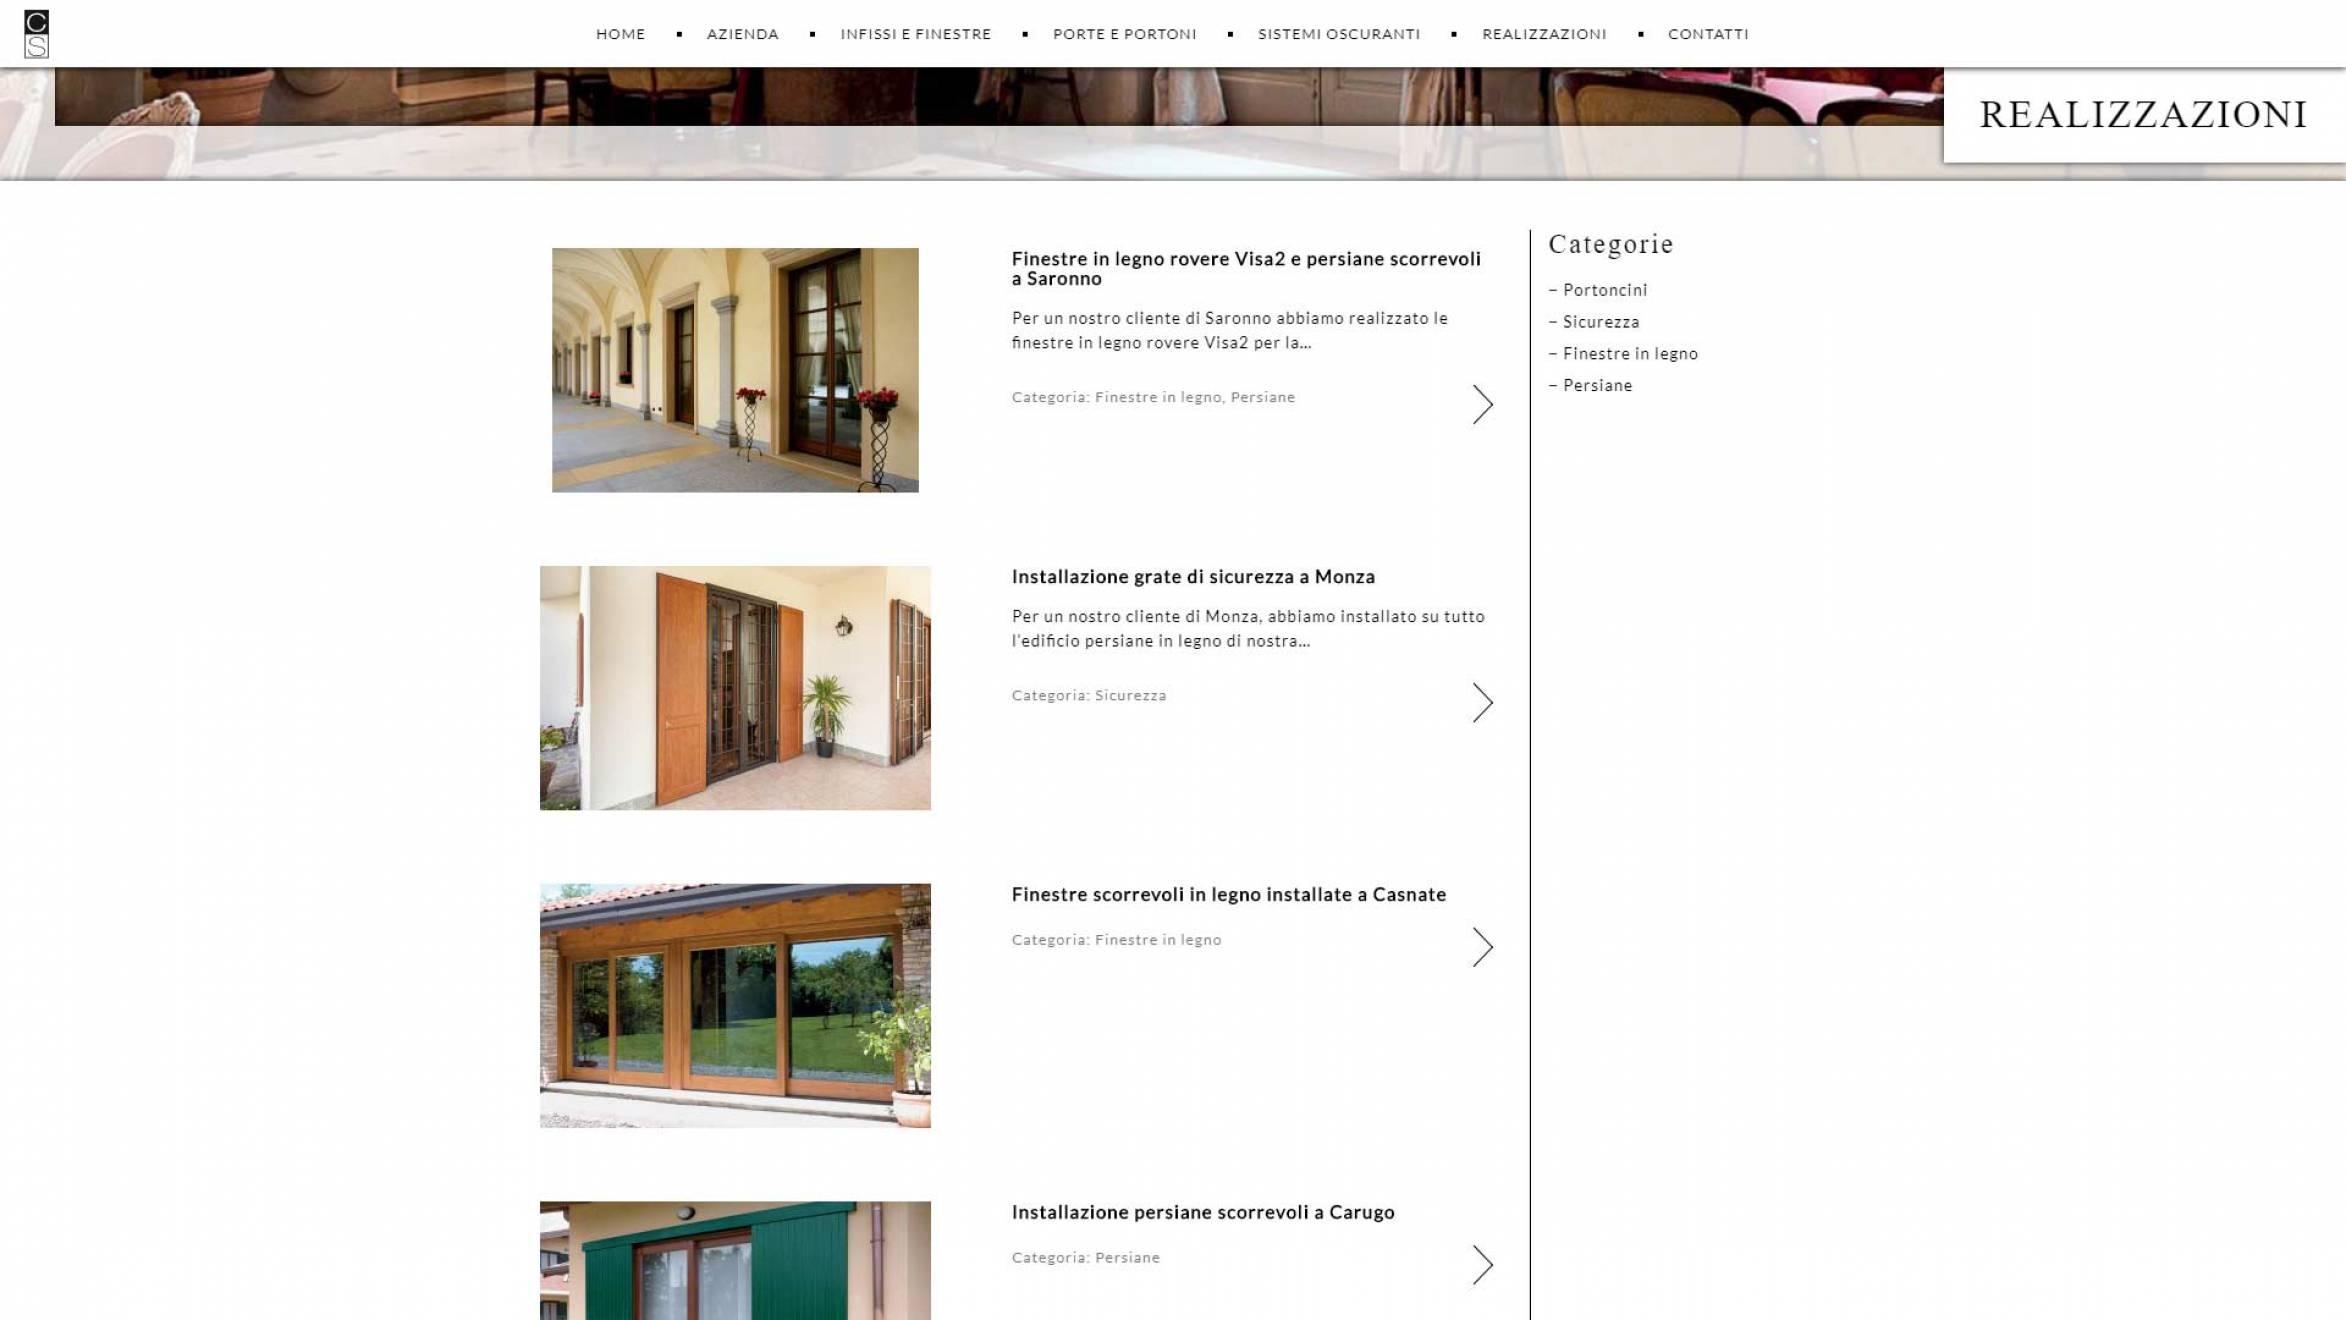 pagina realizzazioni sito internet corbetta serramenti realizzato da newvisibility